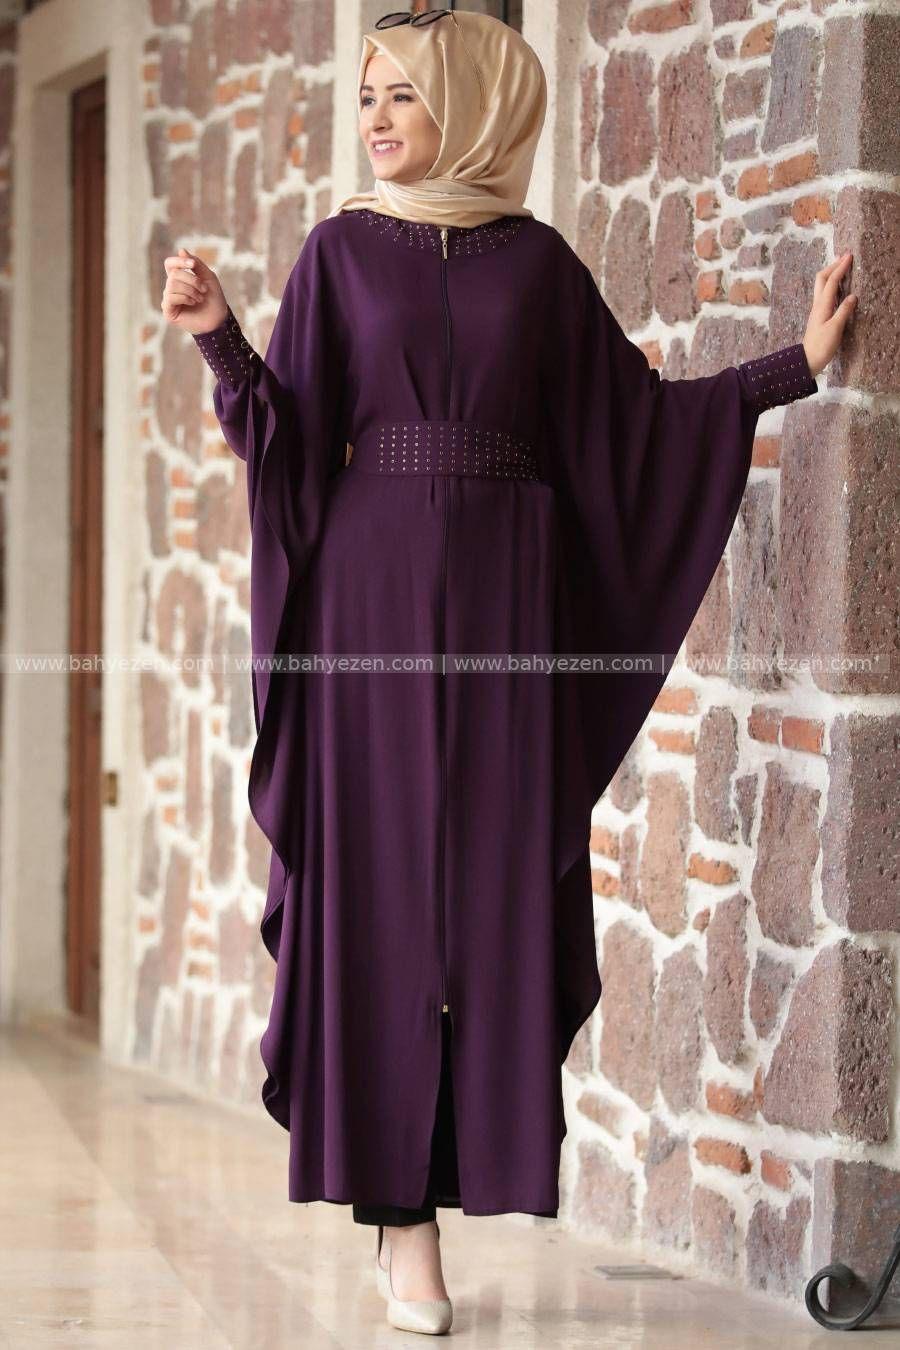 87d1f08670c2a Tesettür, tesettür giyim, abiye, elbise, ferace | Bahyezen | Clothes ...